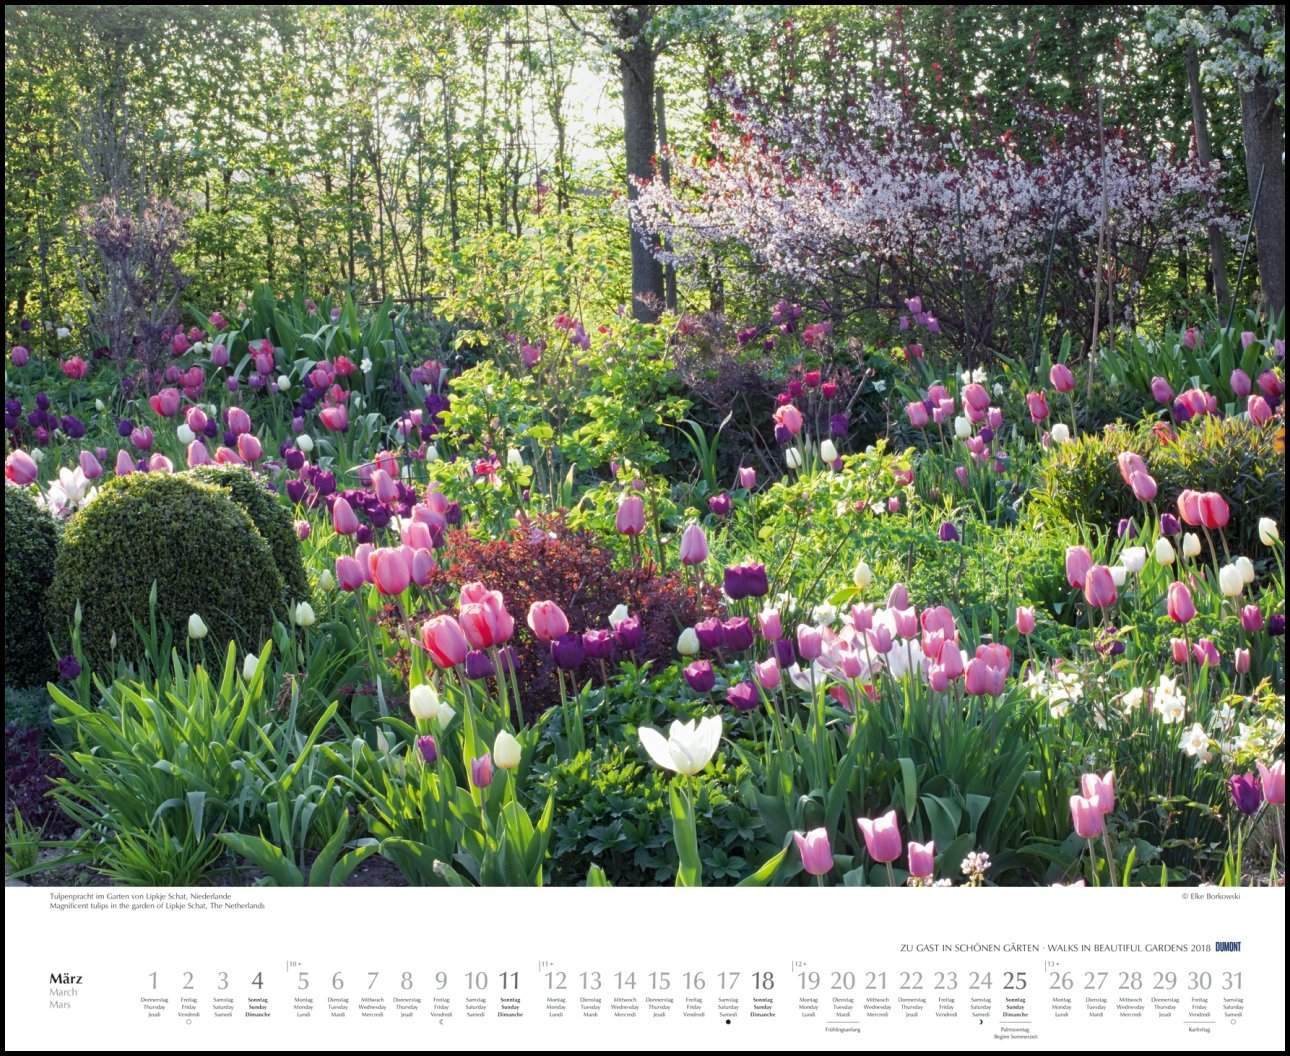 Schöne Gärten Reizend Zu Gast In Schönen Gärten 2018 – Dumont Garten Kalender